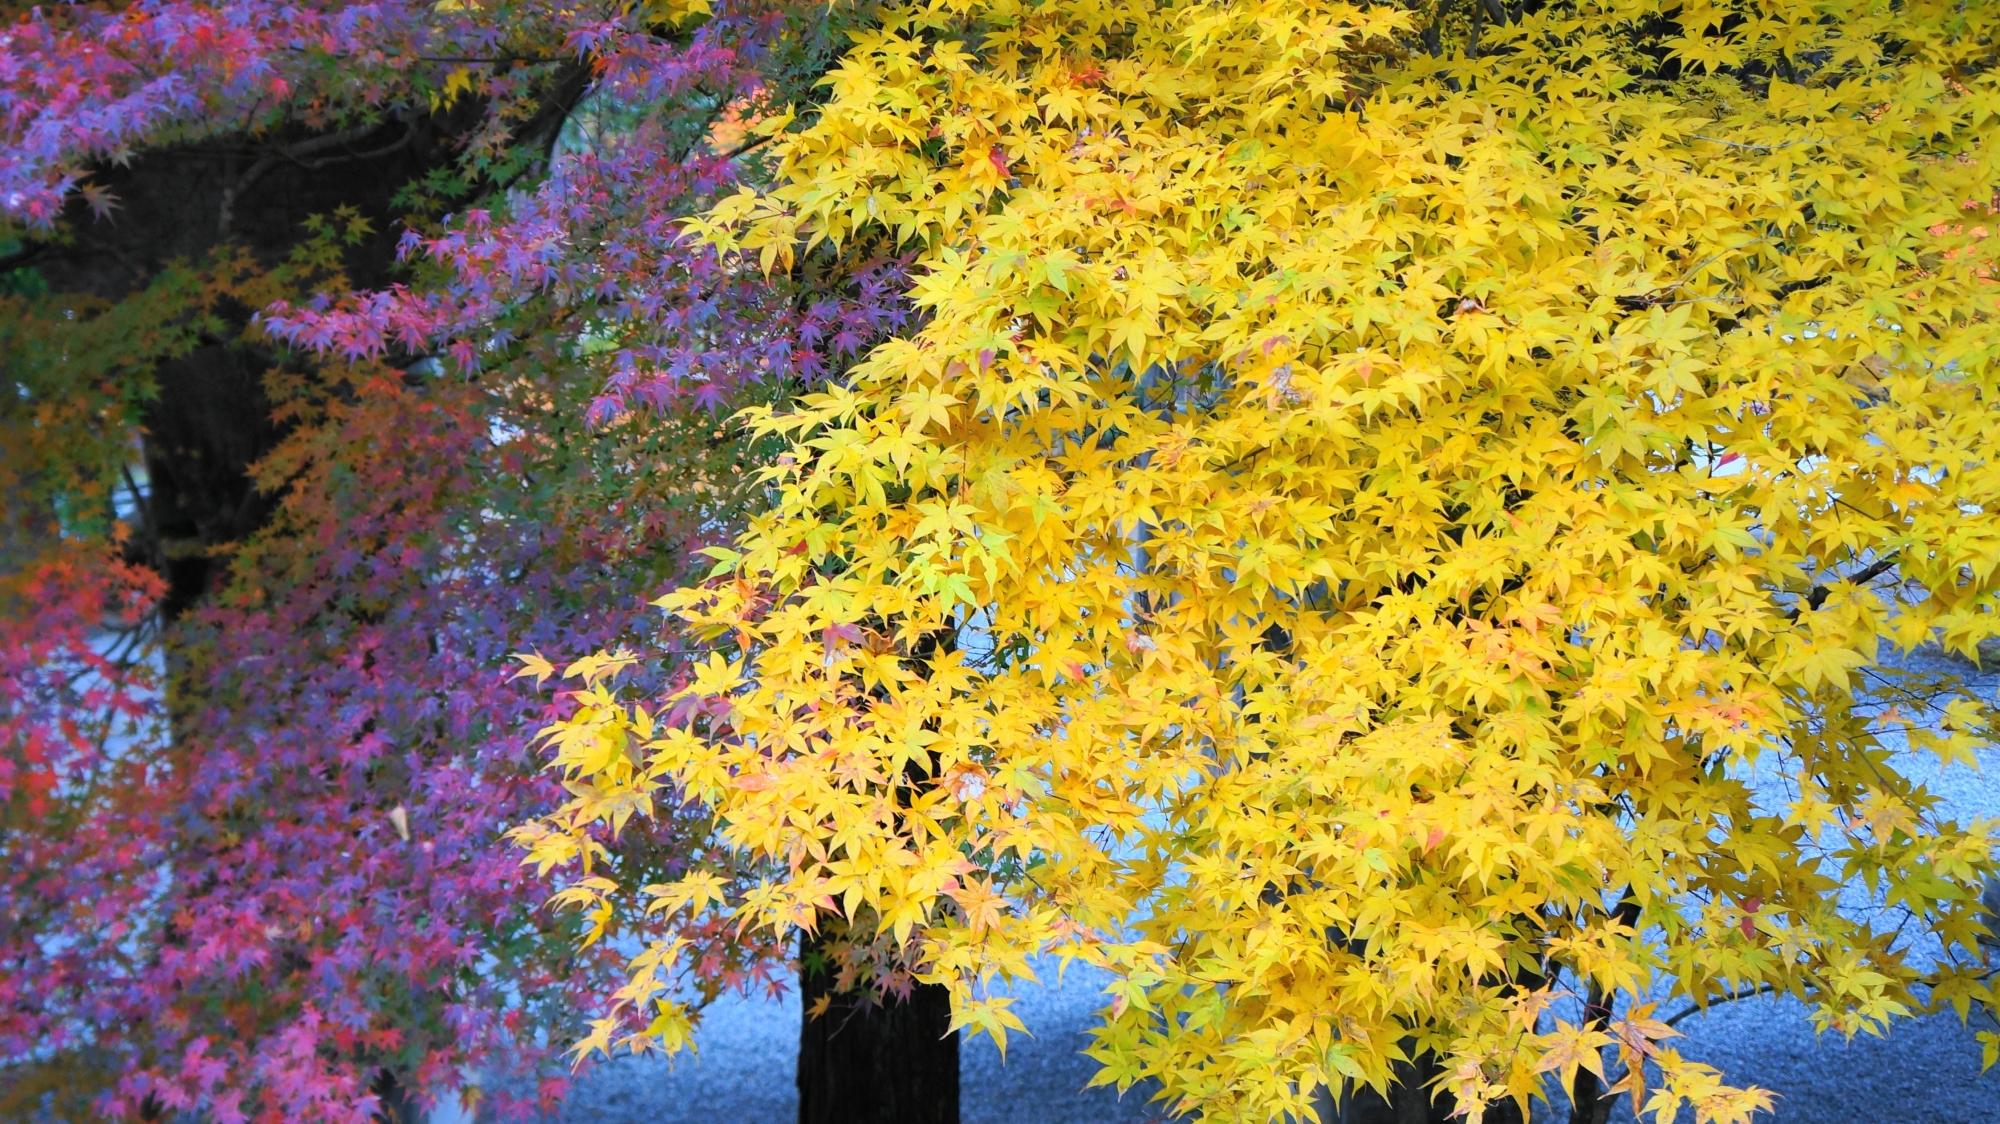 見事な発色の黄色い紅葉